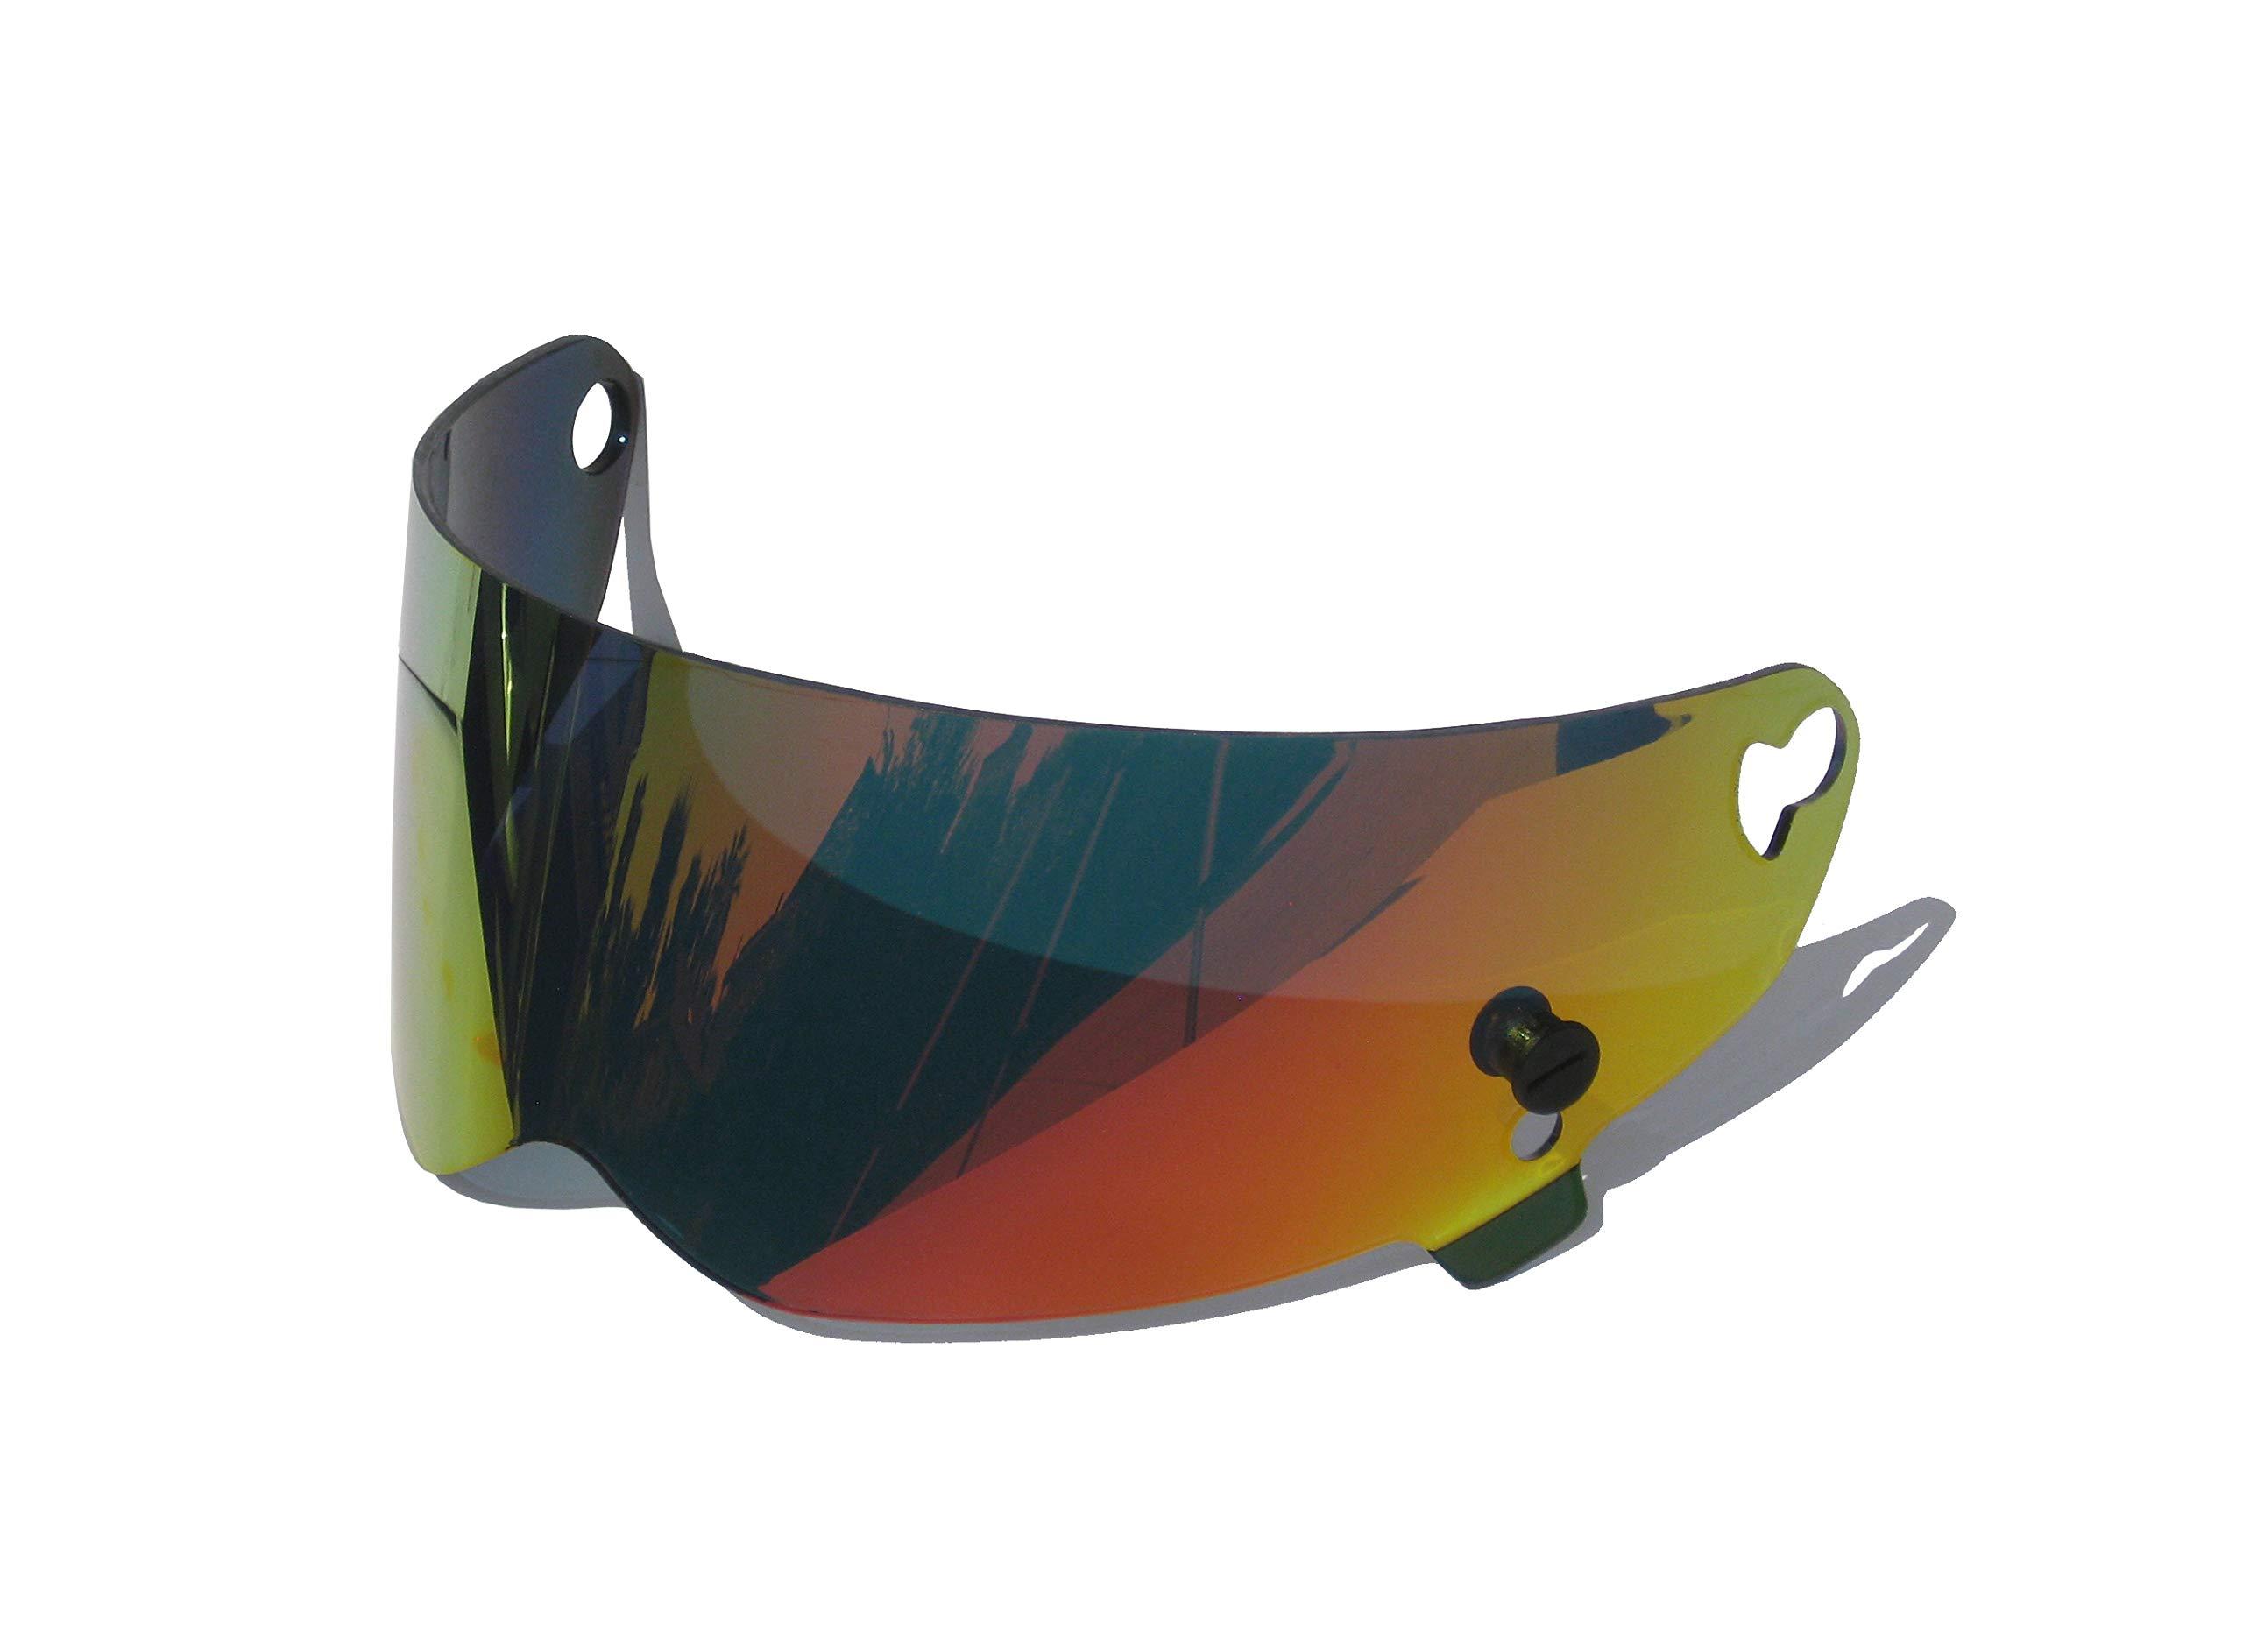 CRG Replacement Shield Visor for Full Face Helmet (Revo) by CRG Sports